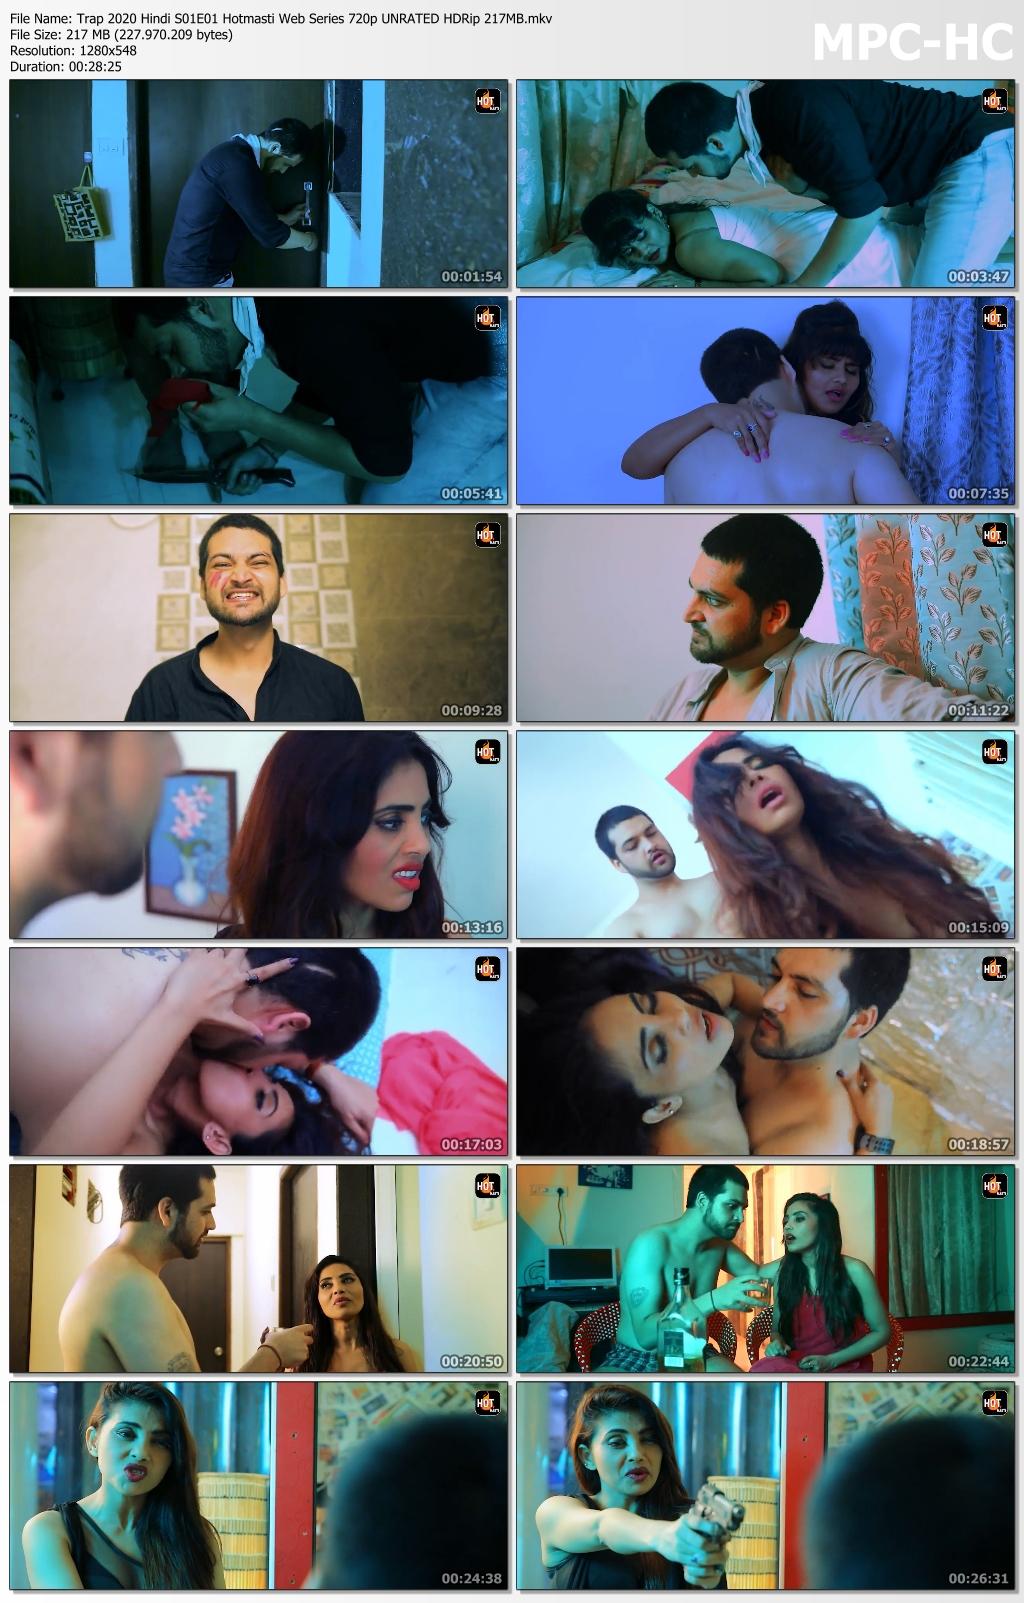 Trap-2020-Hindi-S01-E01-Hotmasti-Web-Series-720p-UNRATED-HDRip-217-MB-mkv-thumbs